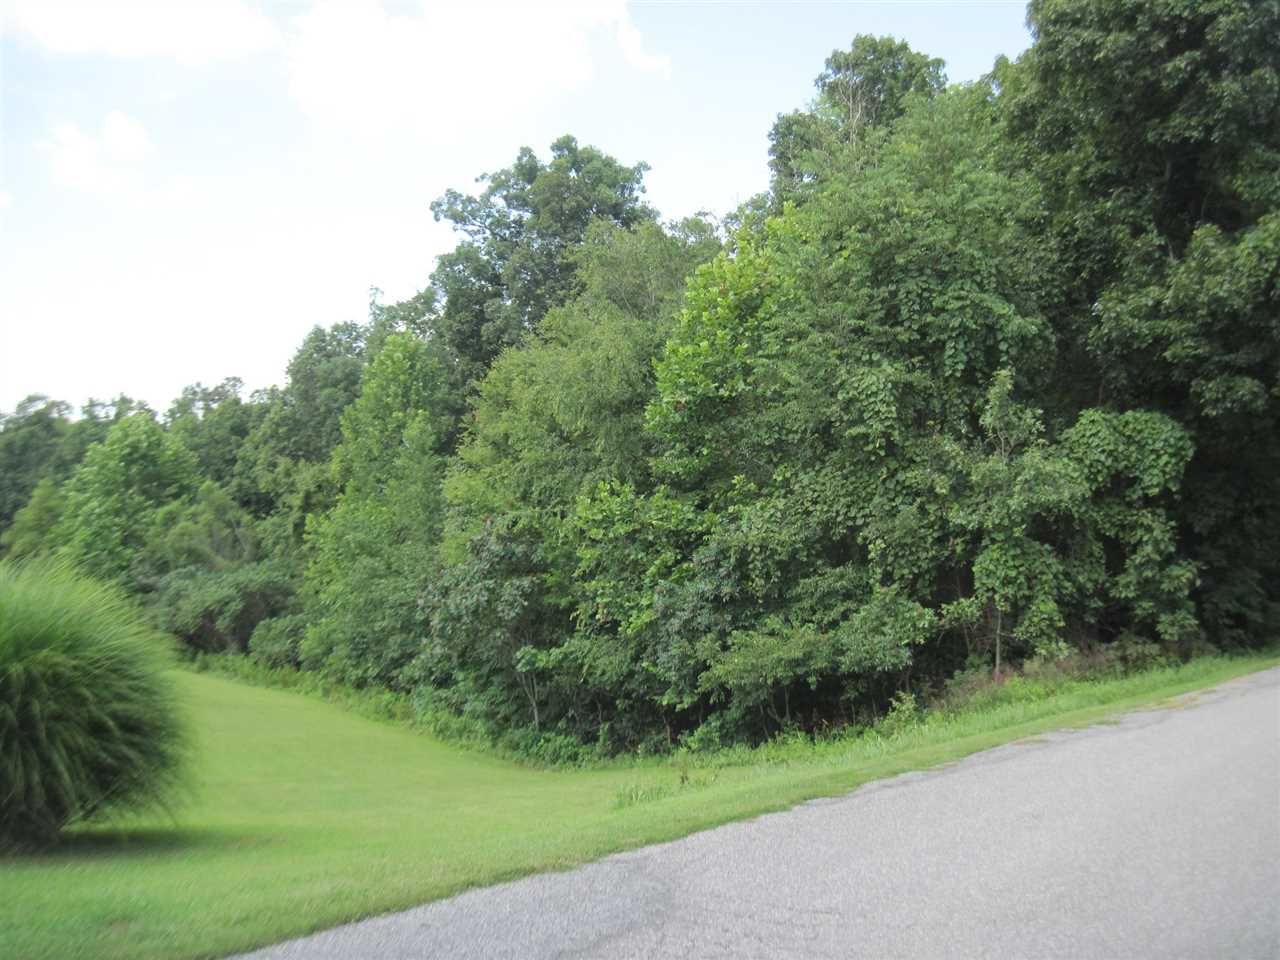 Real Estate for Sale, ListingId: 34713378, Gilbertsville,KY42044